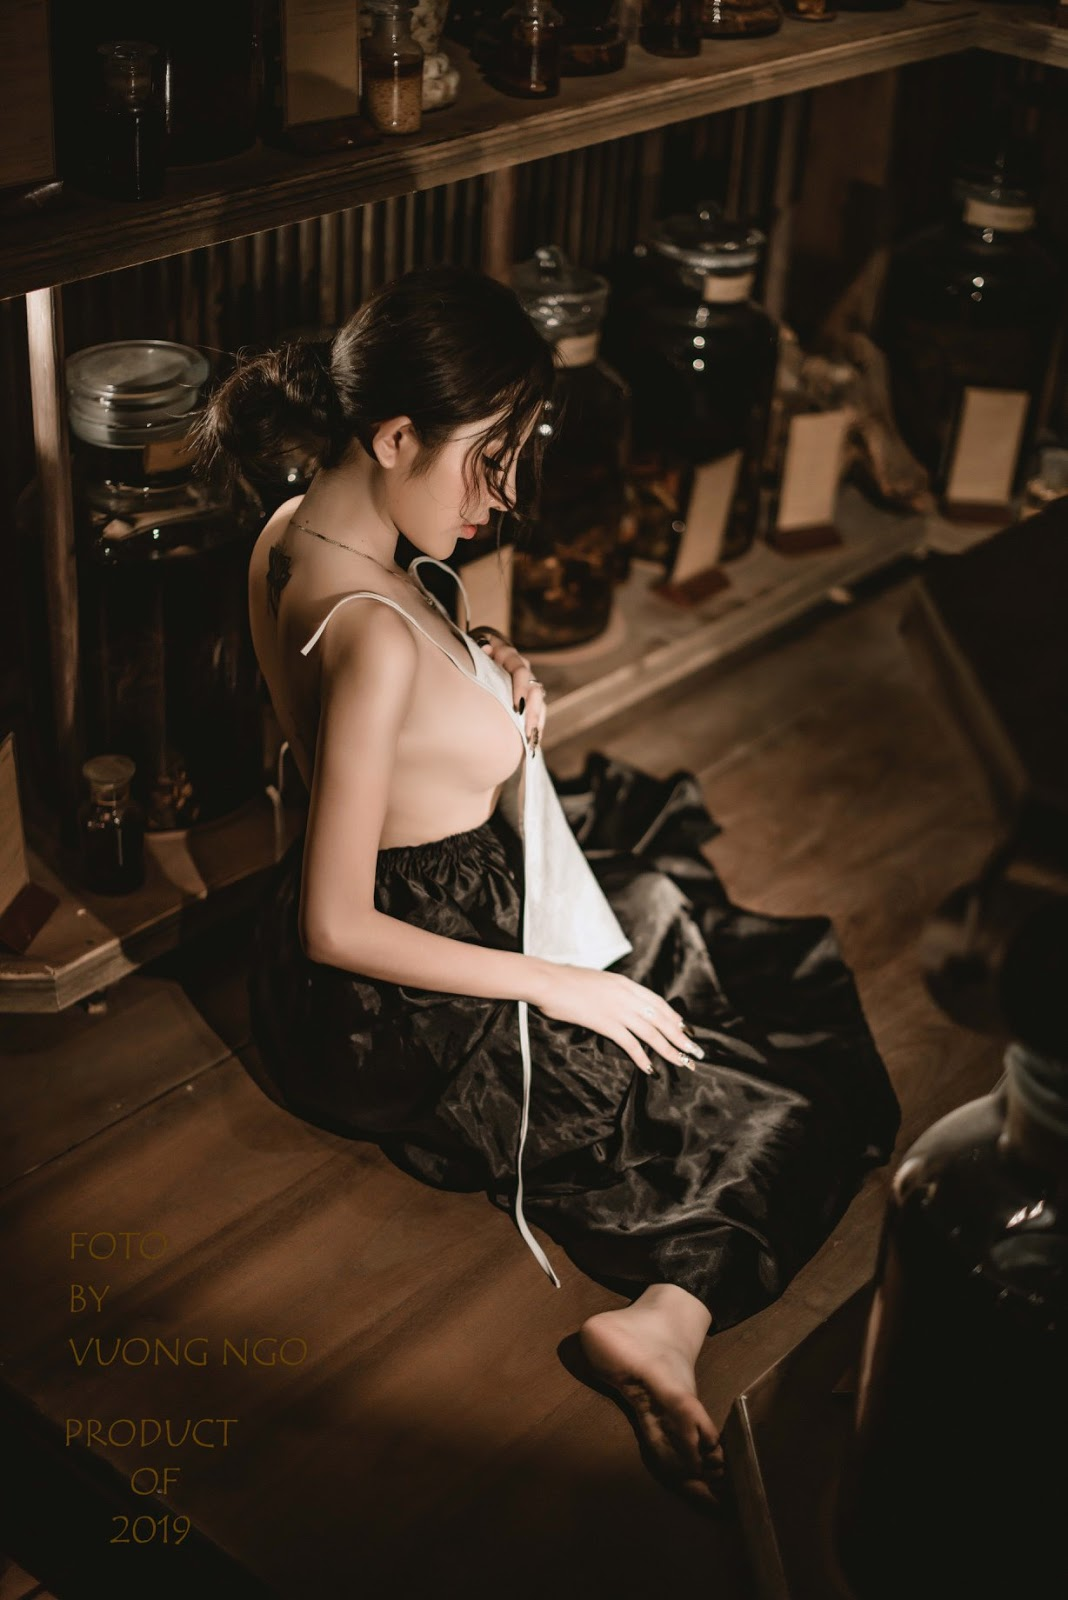 Vào hầm rượu không biết say rượu hay say em @BaoBua: Việt Nam Sexy Girl